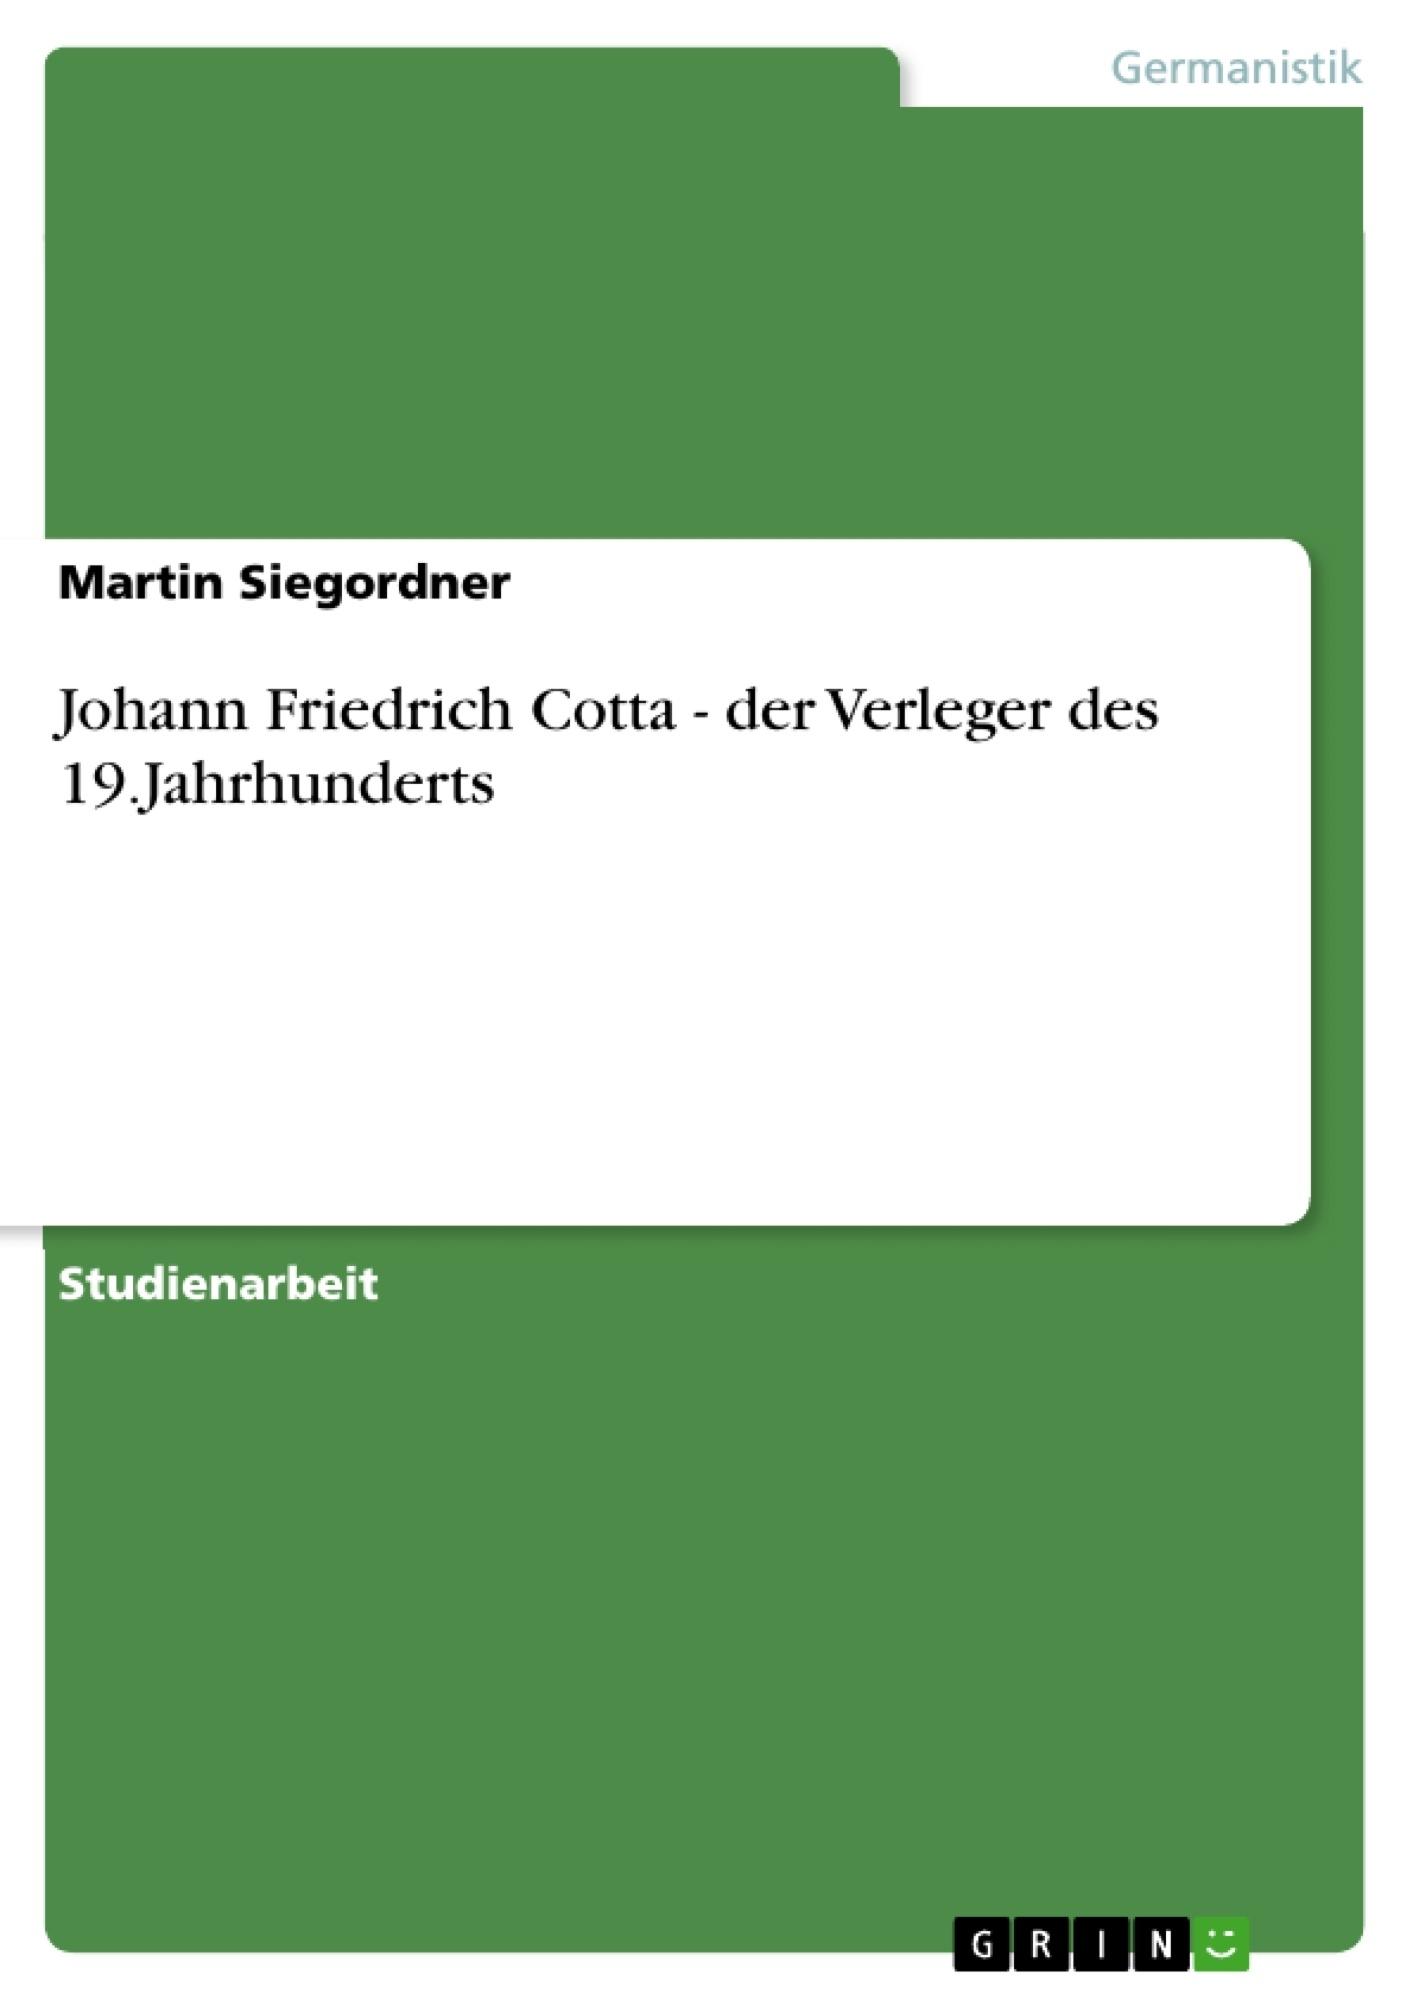 Titel: Johann Friedrich Cotta - der Verleger des 19.Jahrhunderts